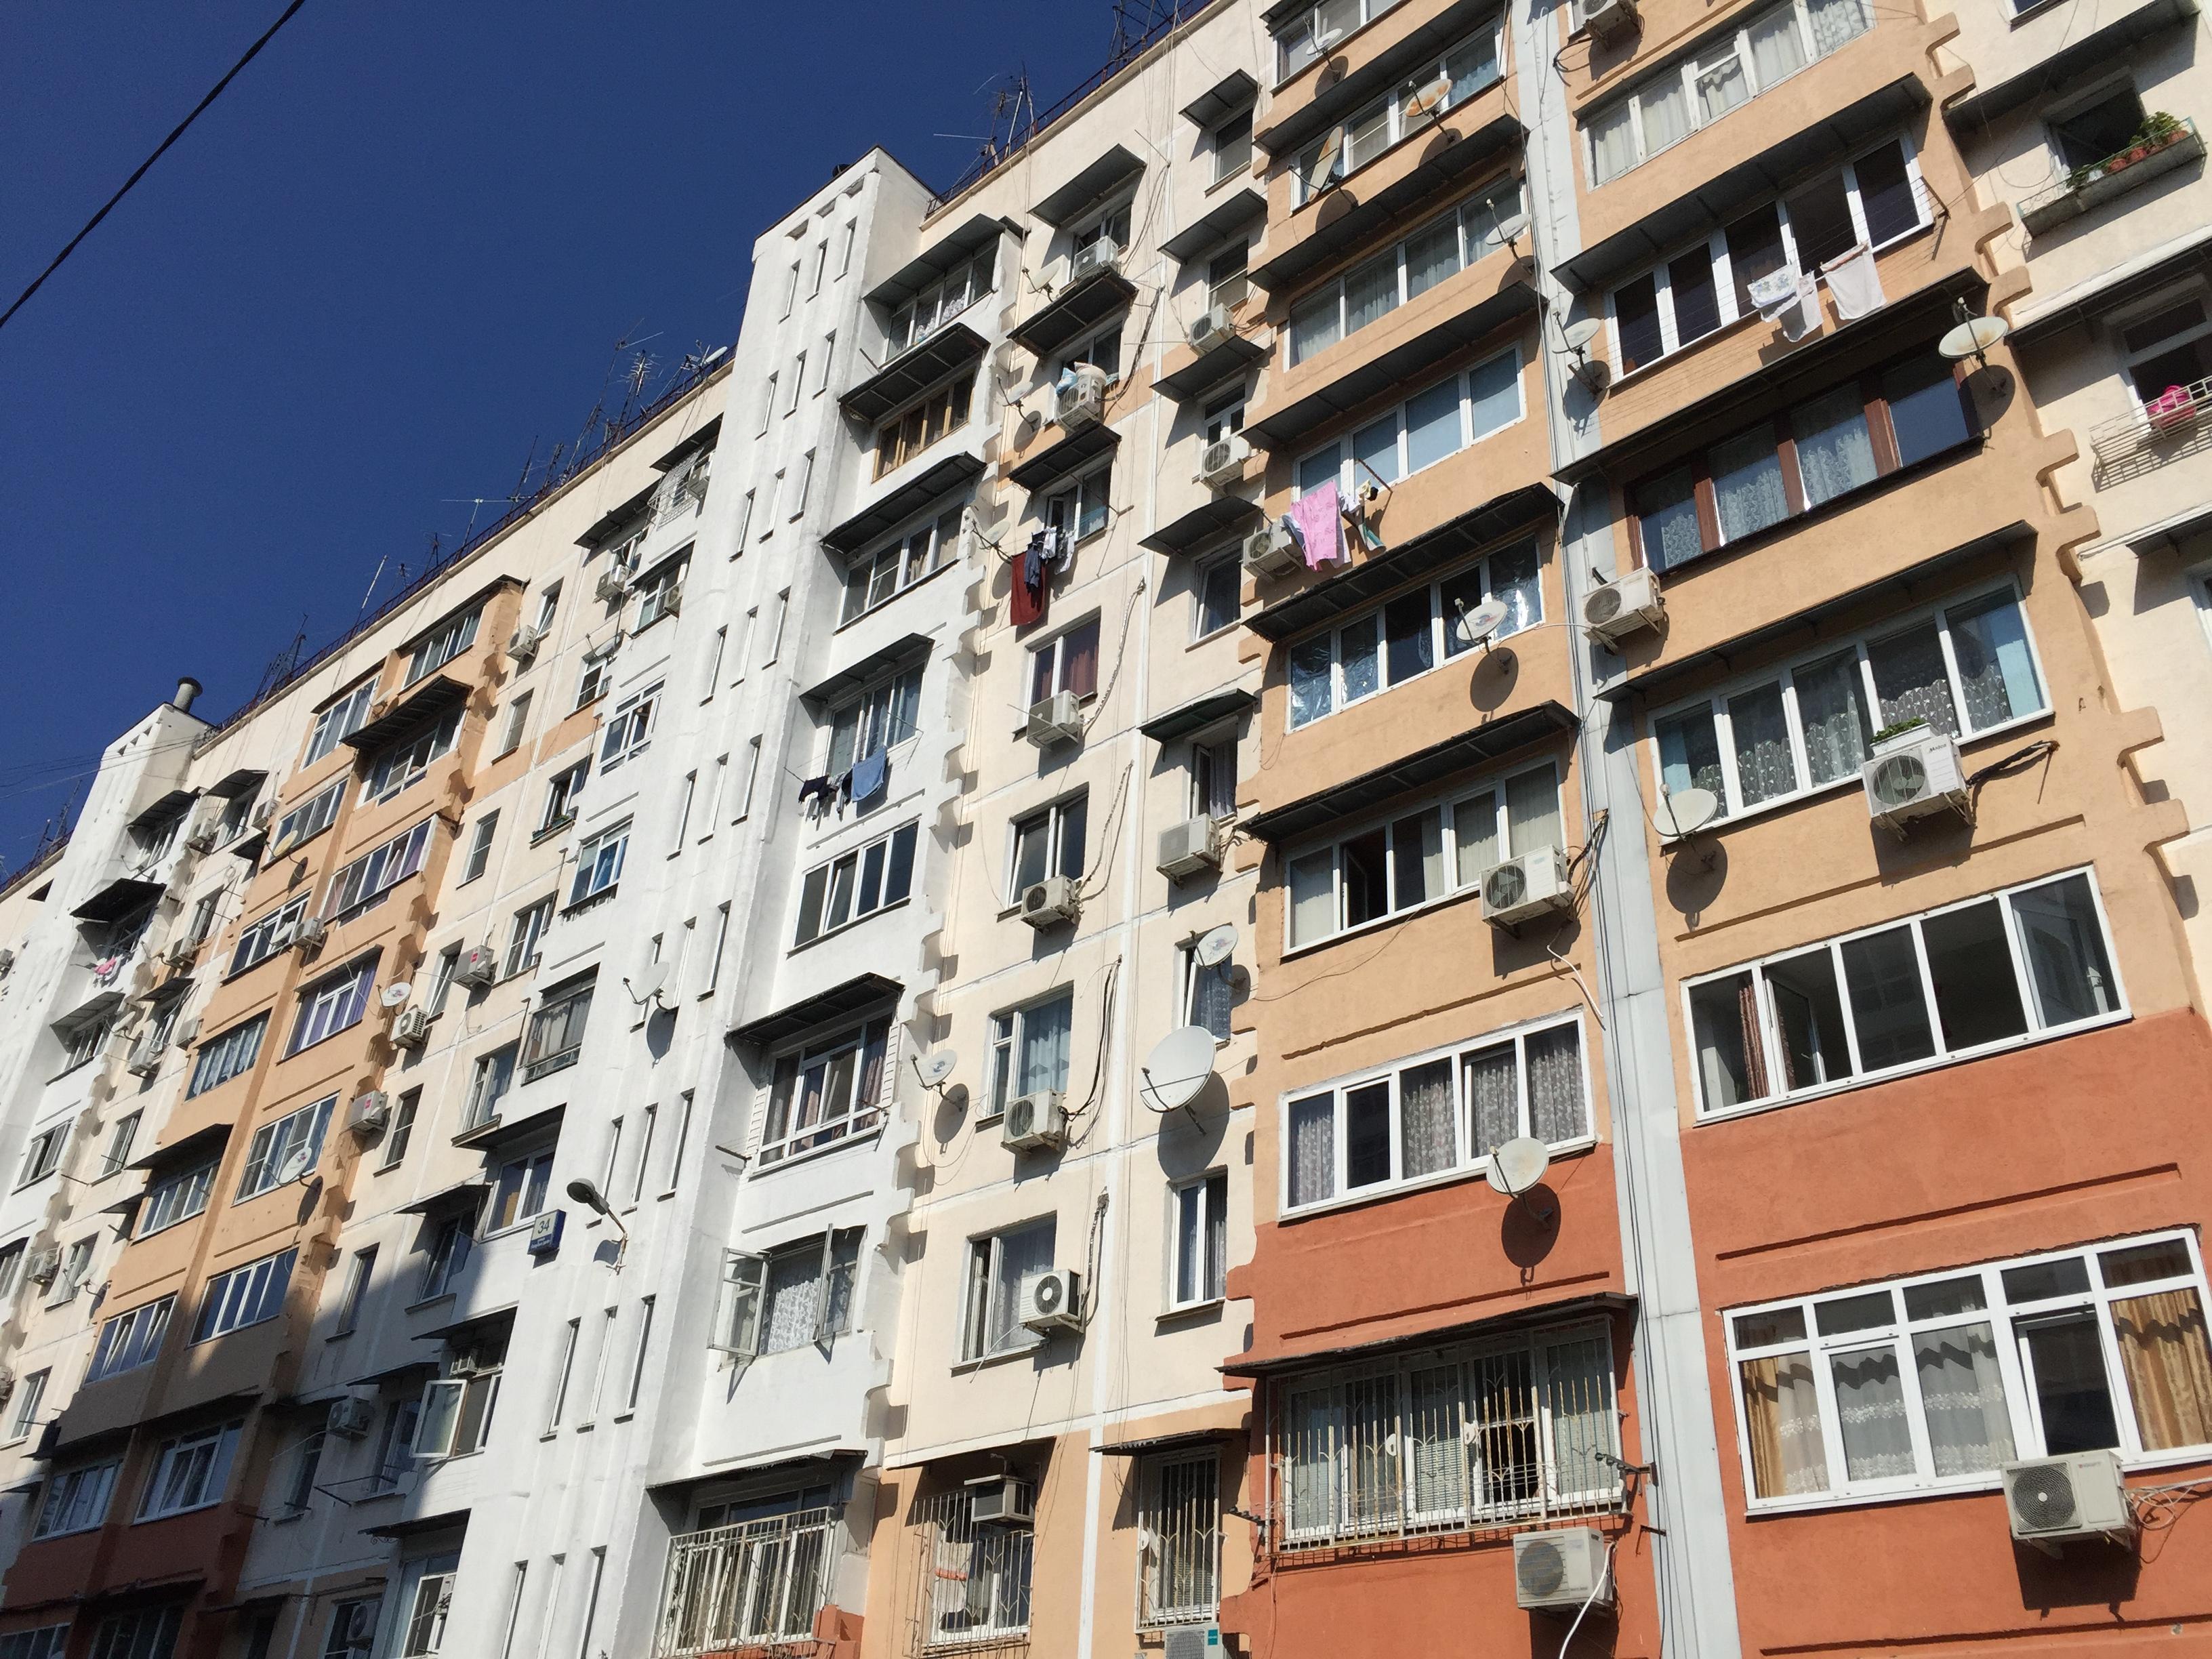 Кировстат: квадратный метр нового жилья стоит 42 тысячи рублей